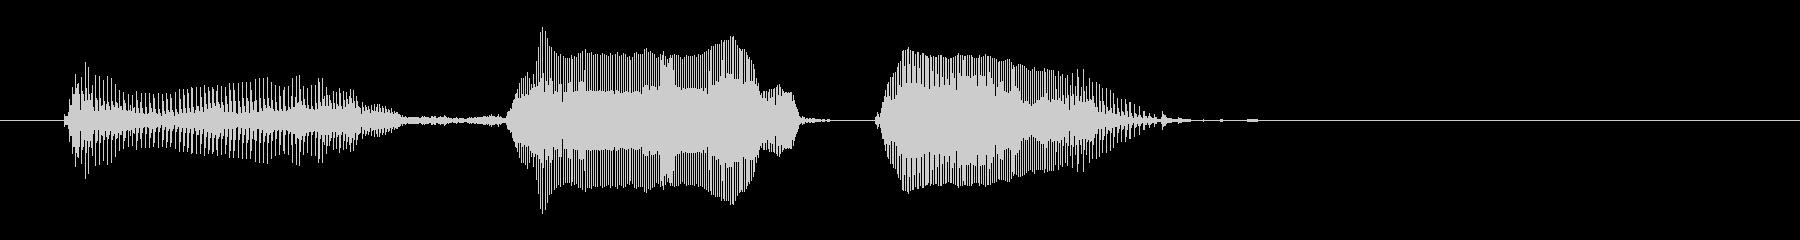 大正解(こどもボイス)の未再生の波形